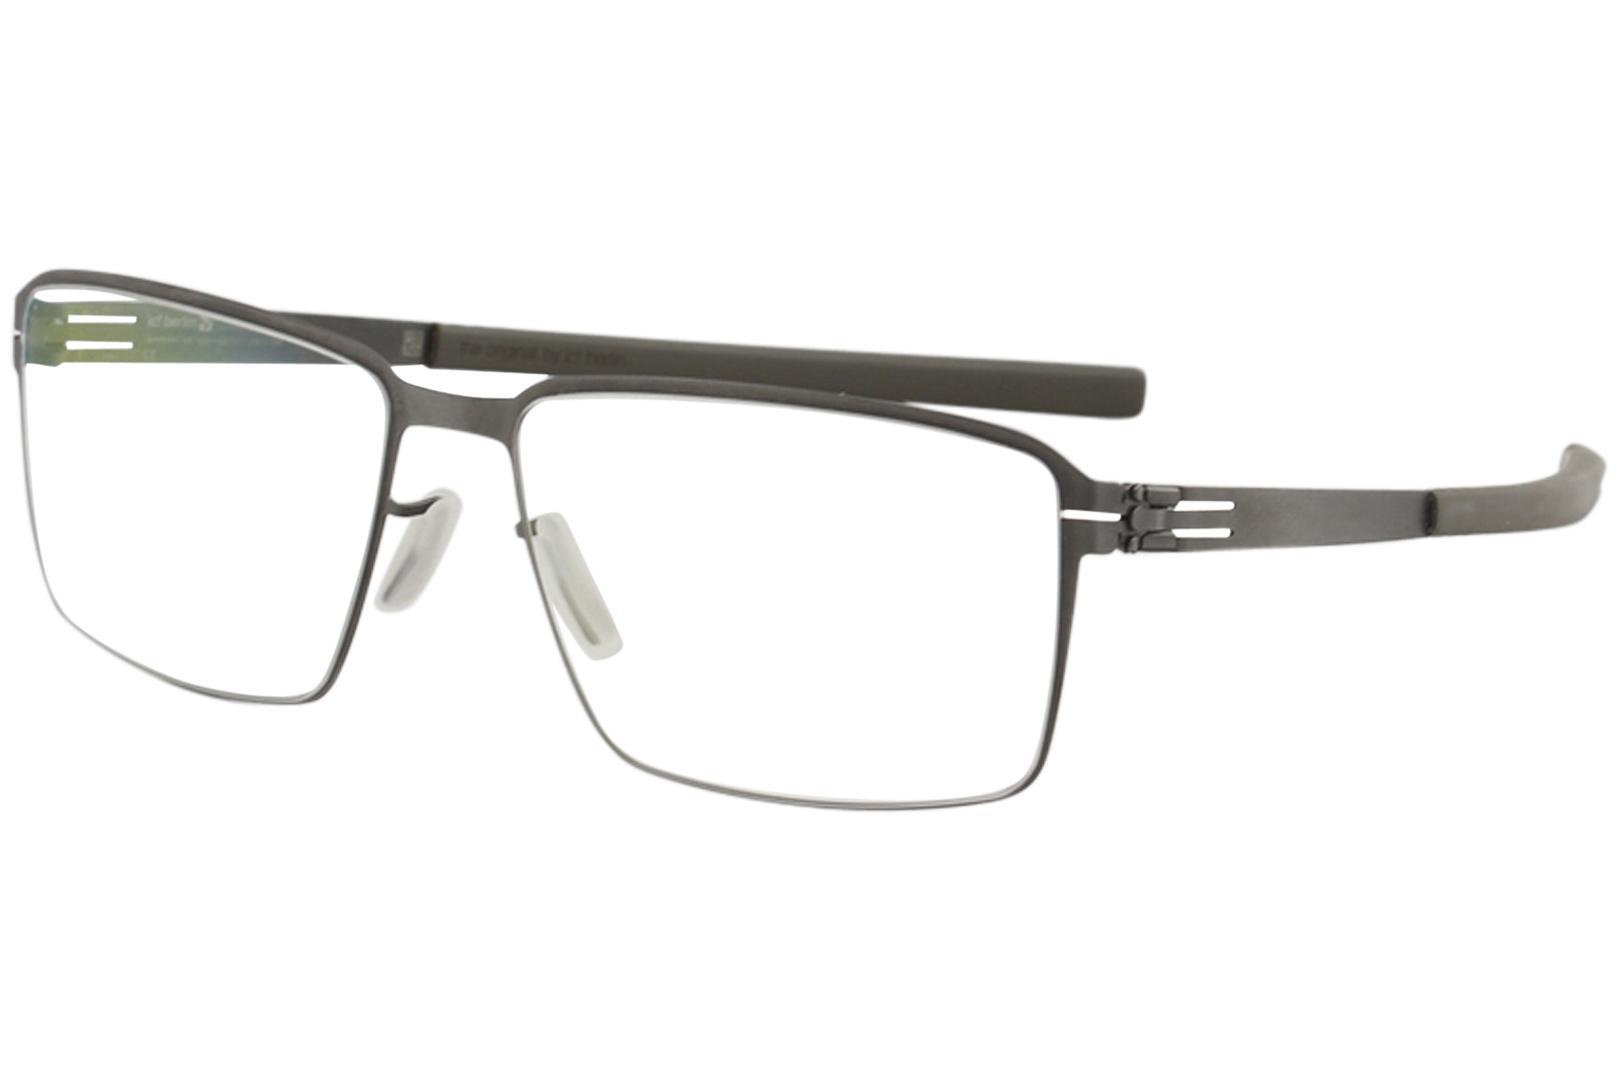 Image of Ic! Berlin Men's Eyeglasses Jens K. Full Rim Flex Optical Frame - Graphite - Lens 55 Bridge 16 Temple 145mm